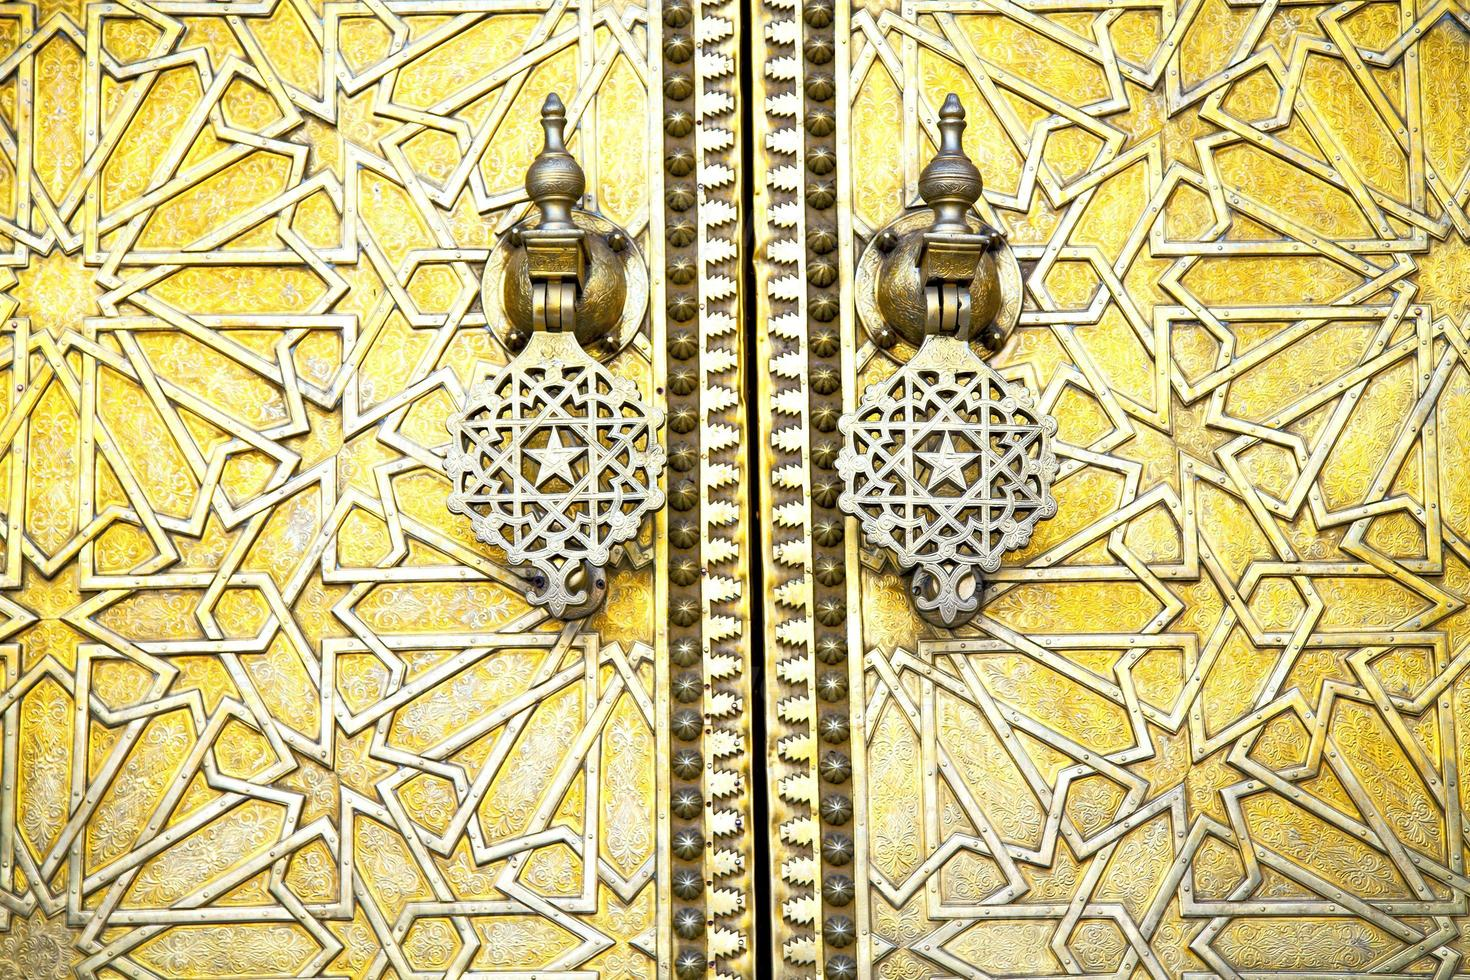 marruecos marrón oxidado de metal en estrella de oro de madera foto